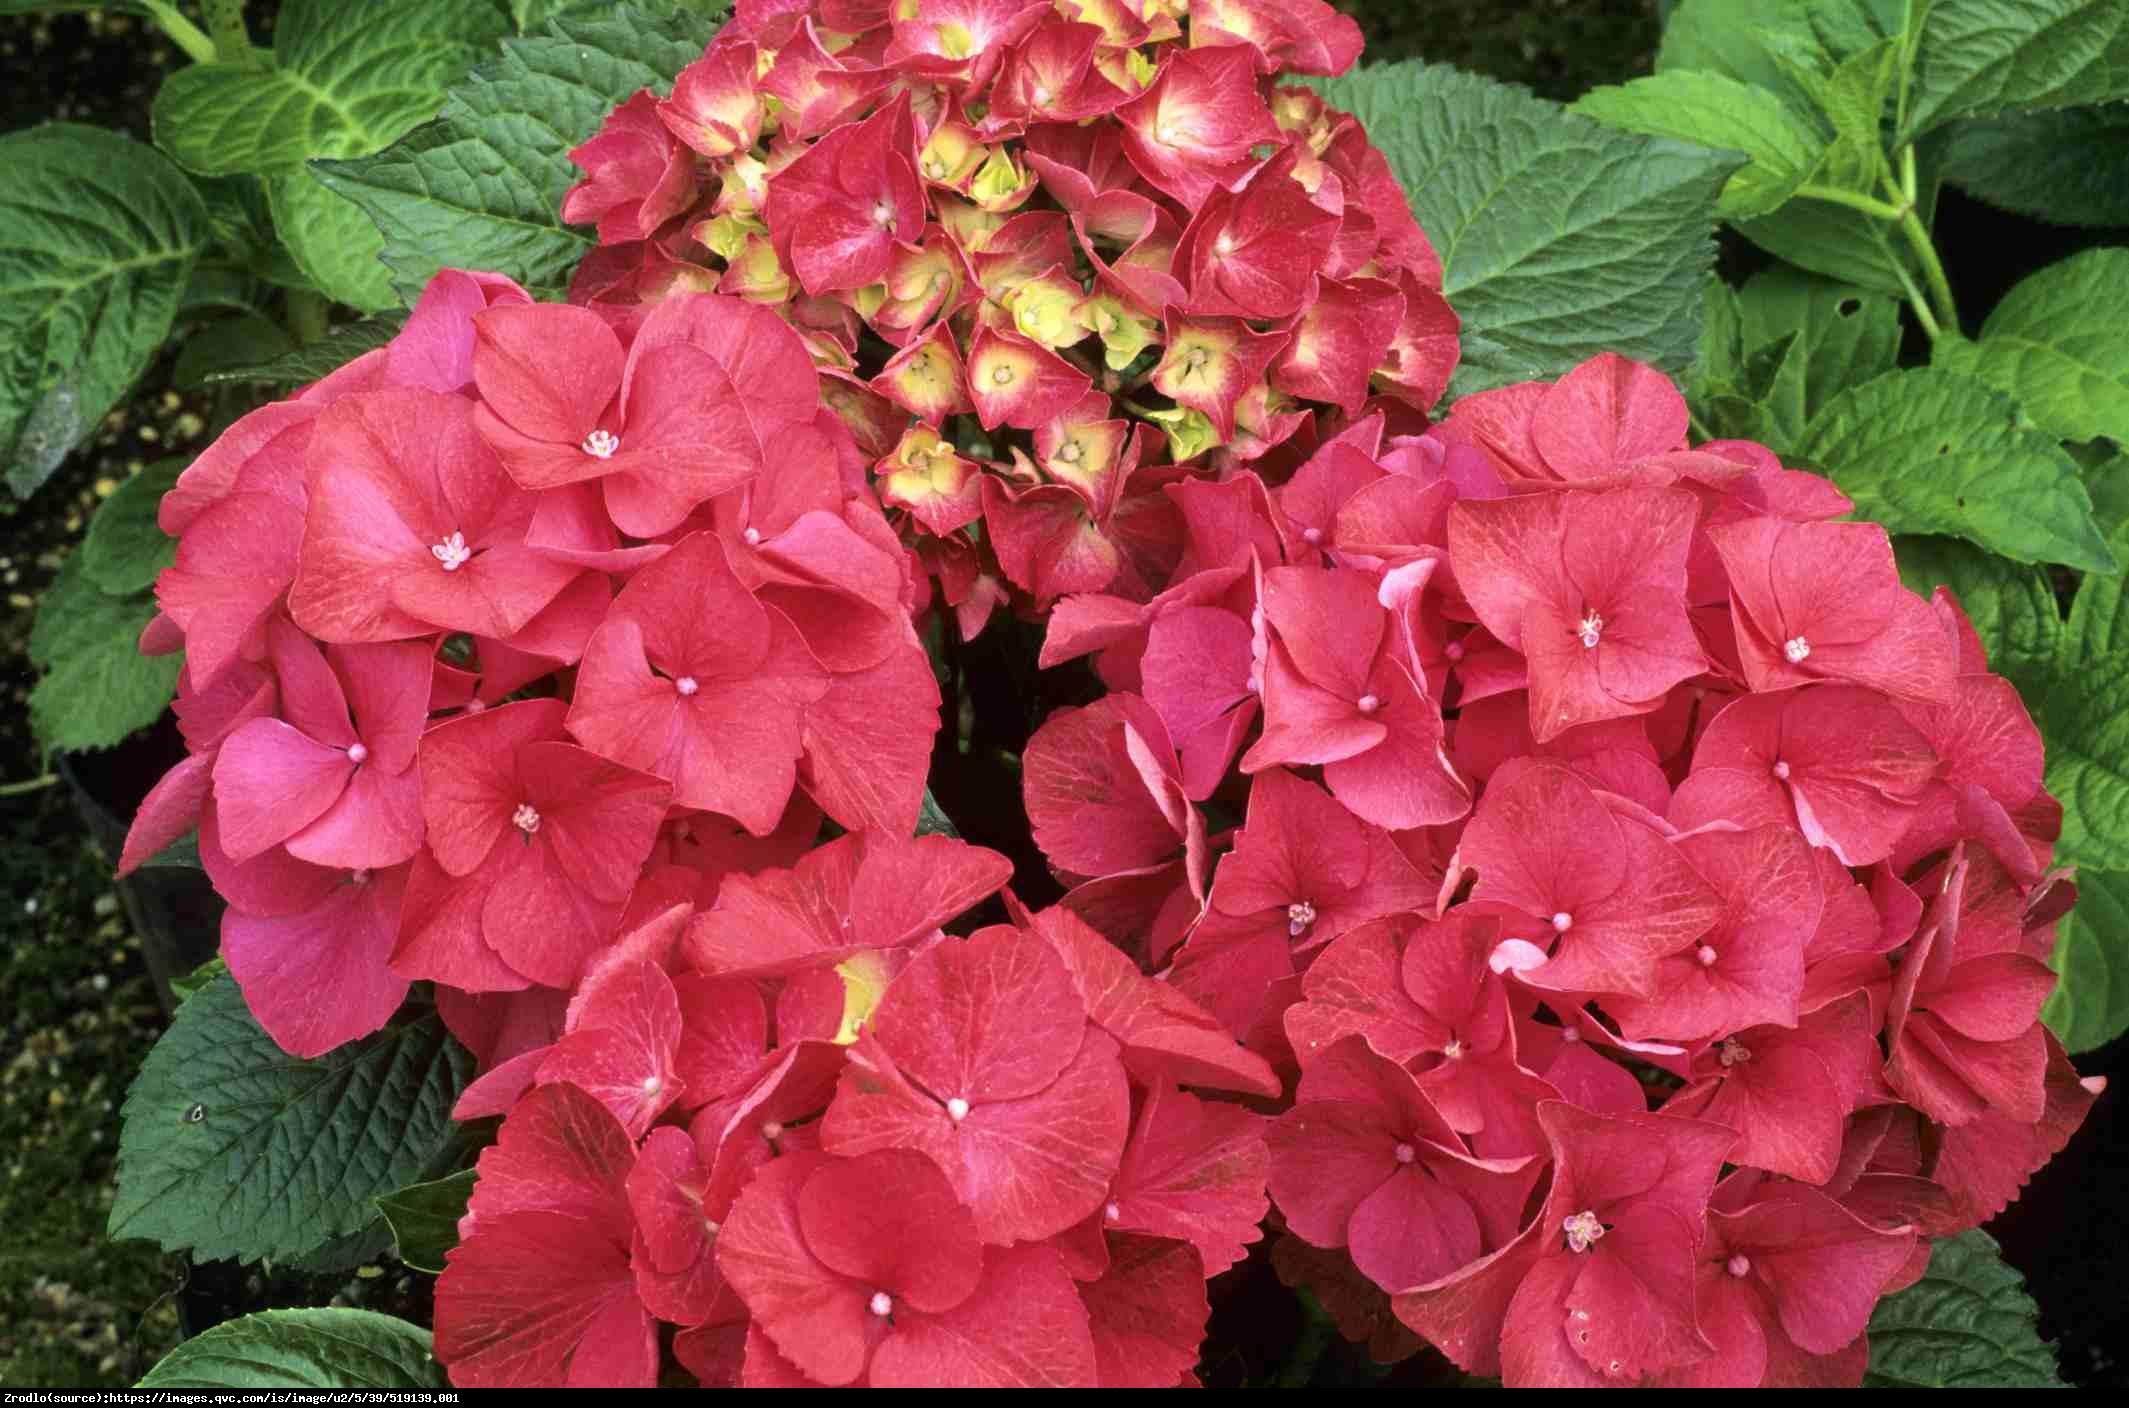 Hortensja ogrodowa Red Beauty  - Hydrangea macrophylla Red Beauty